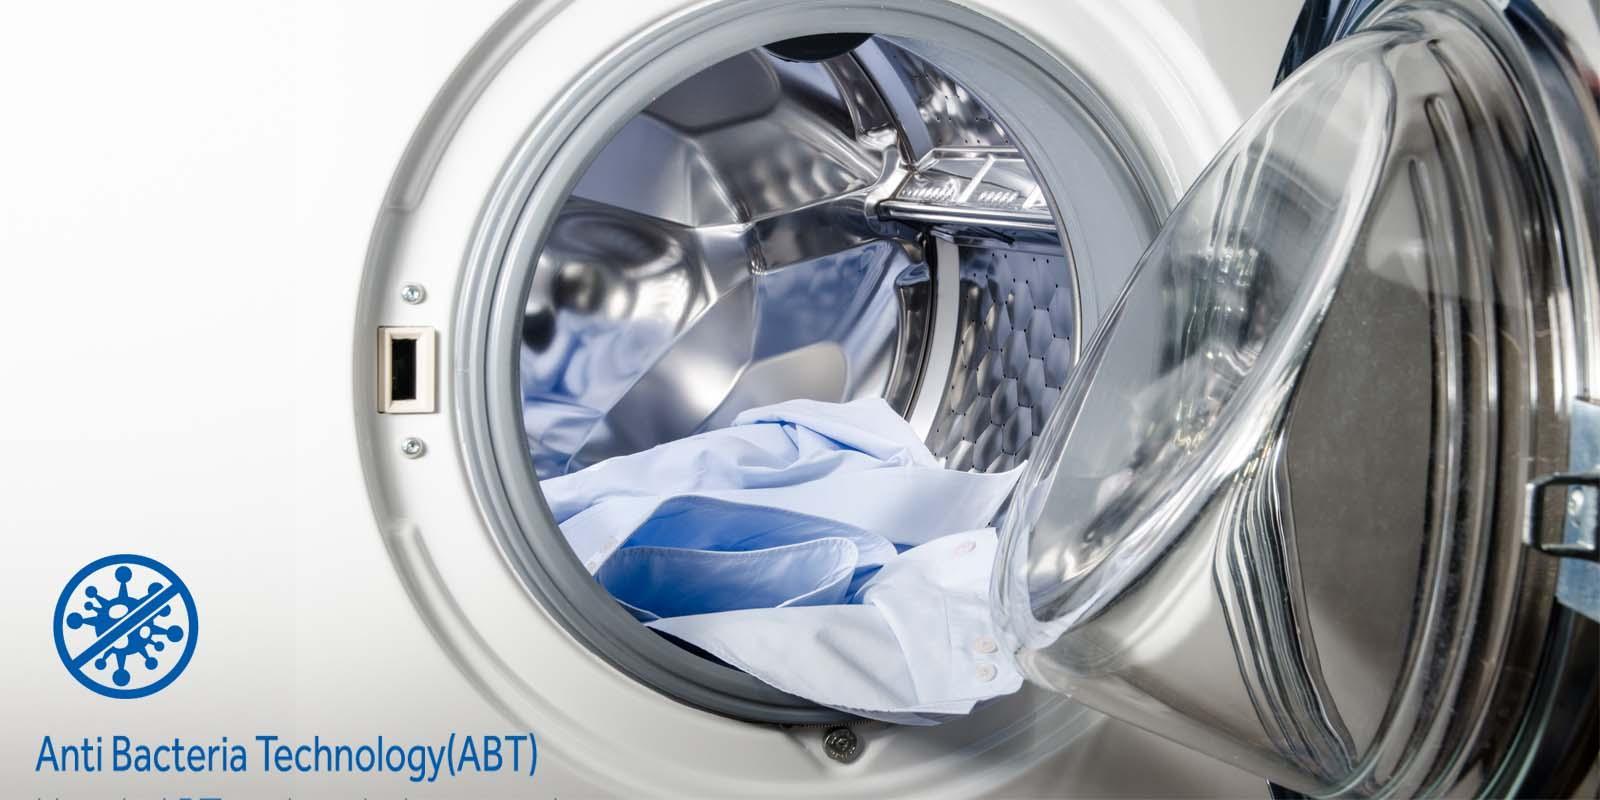 Haier Kg FullyAutomatic Front Loading Washing Machine HW - Abt washers